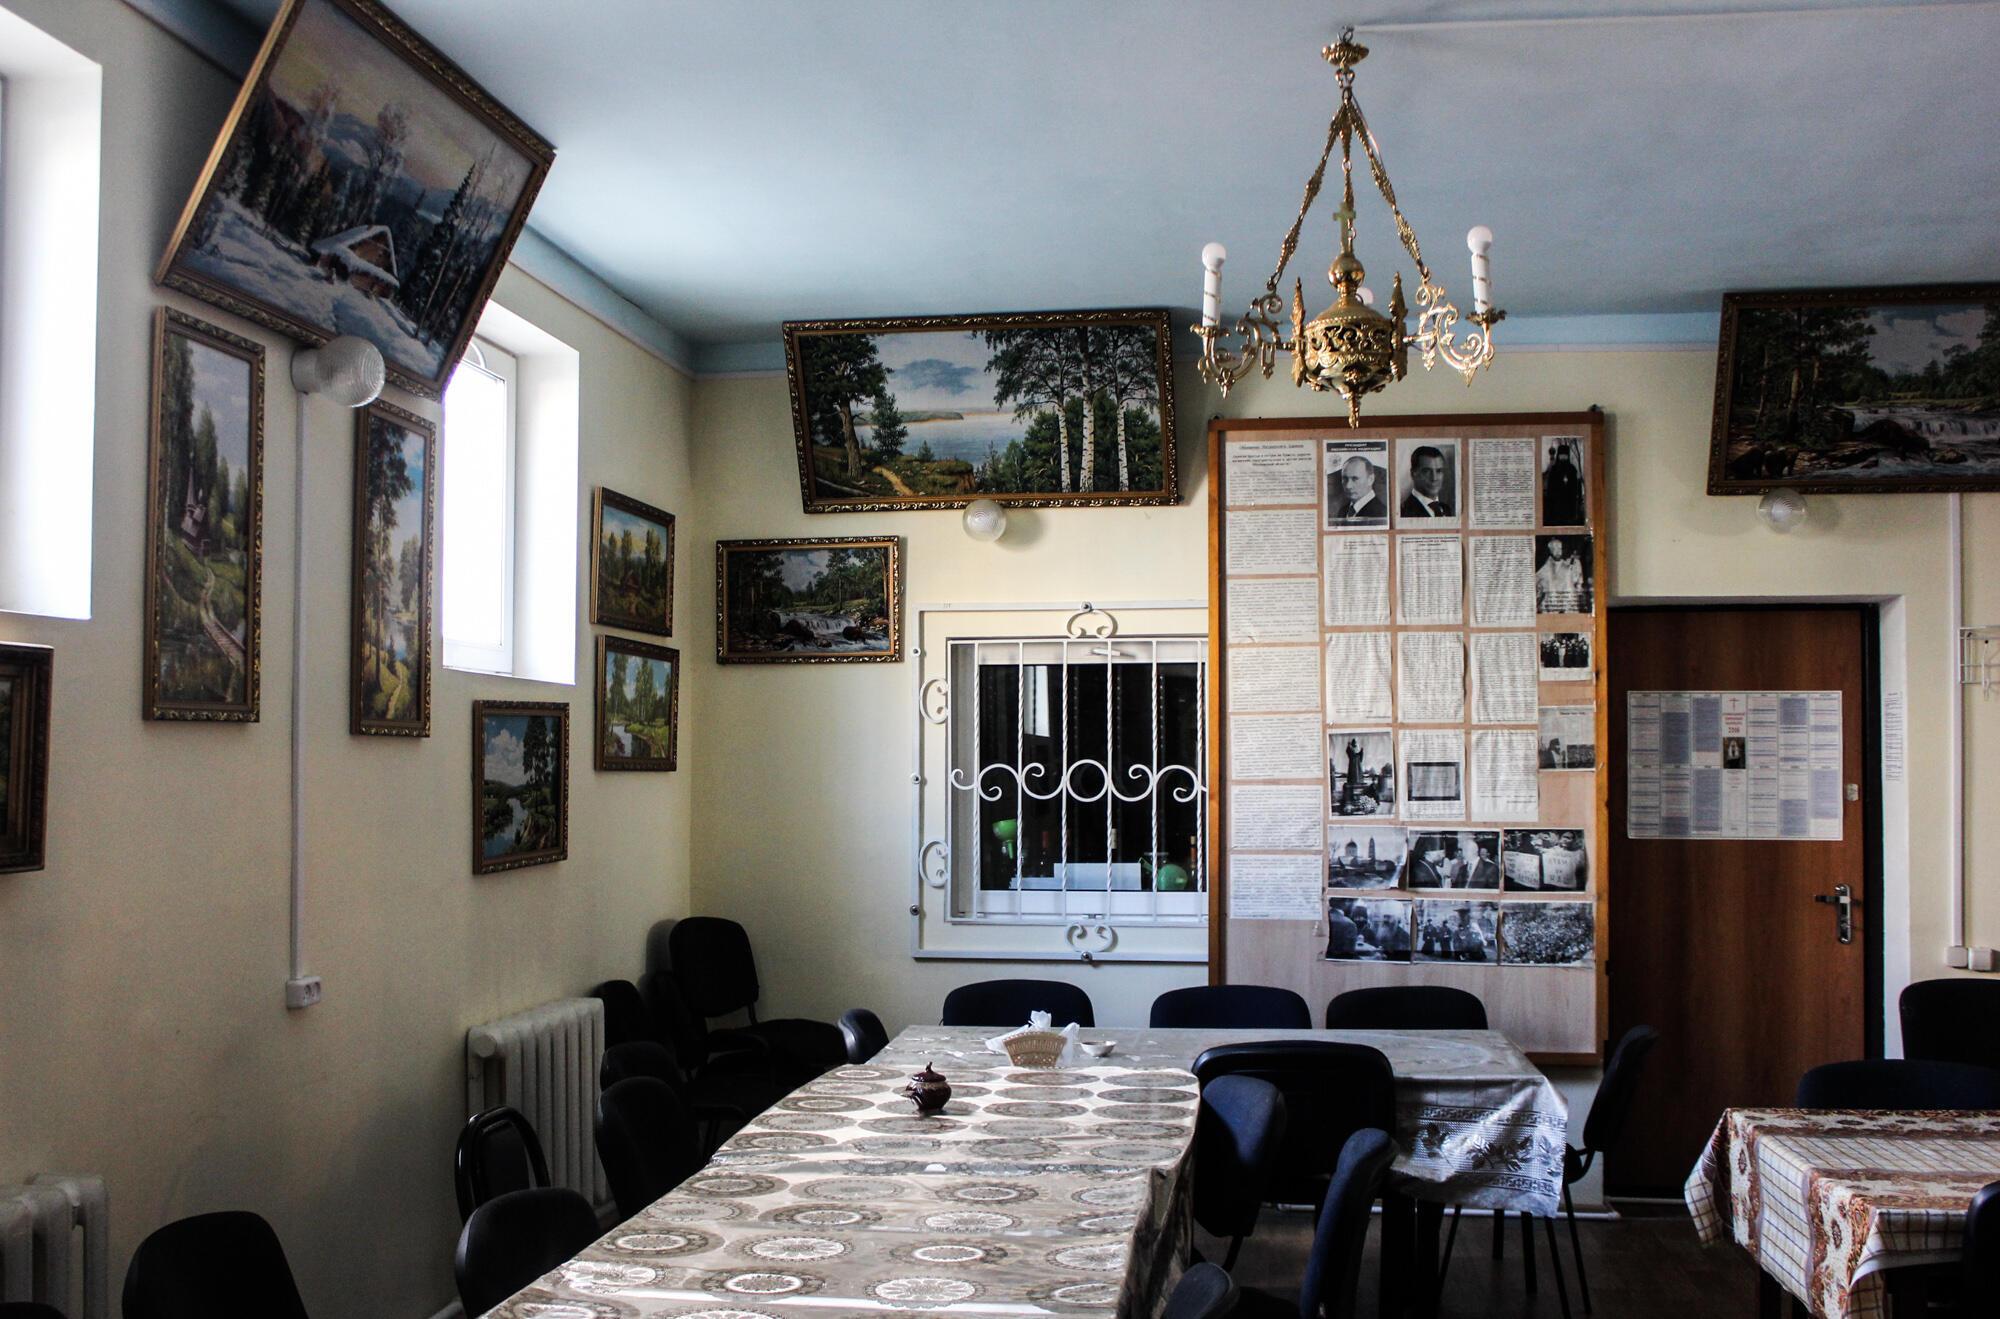 Трапезная Свято-Троицкого храма. После каждой службы здесь организуют обед и ужин для прихожан. На стене – портреты Владимира Путина и Дмитрия Медведева.